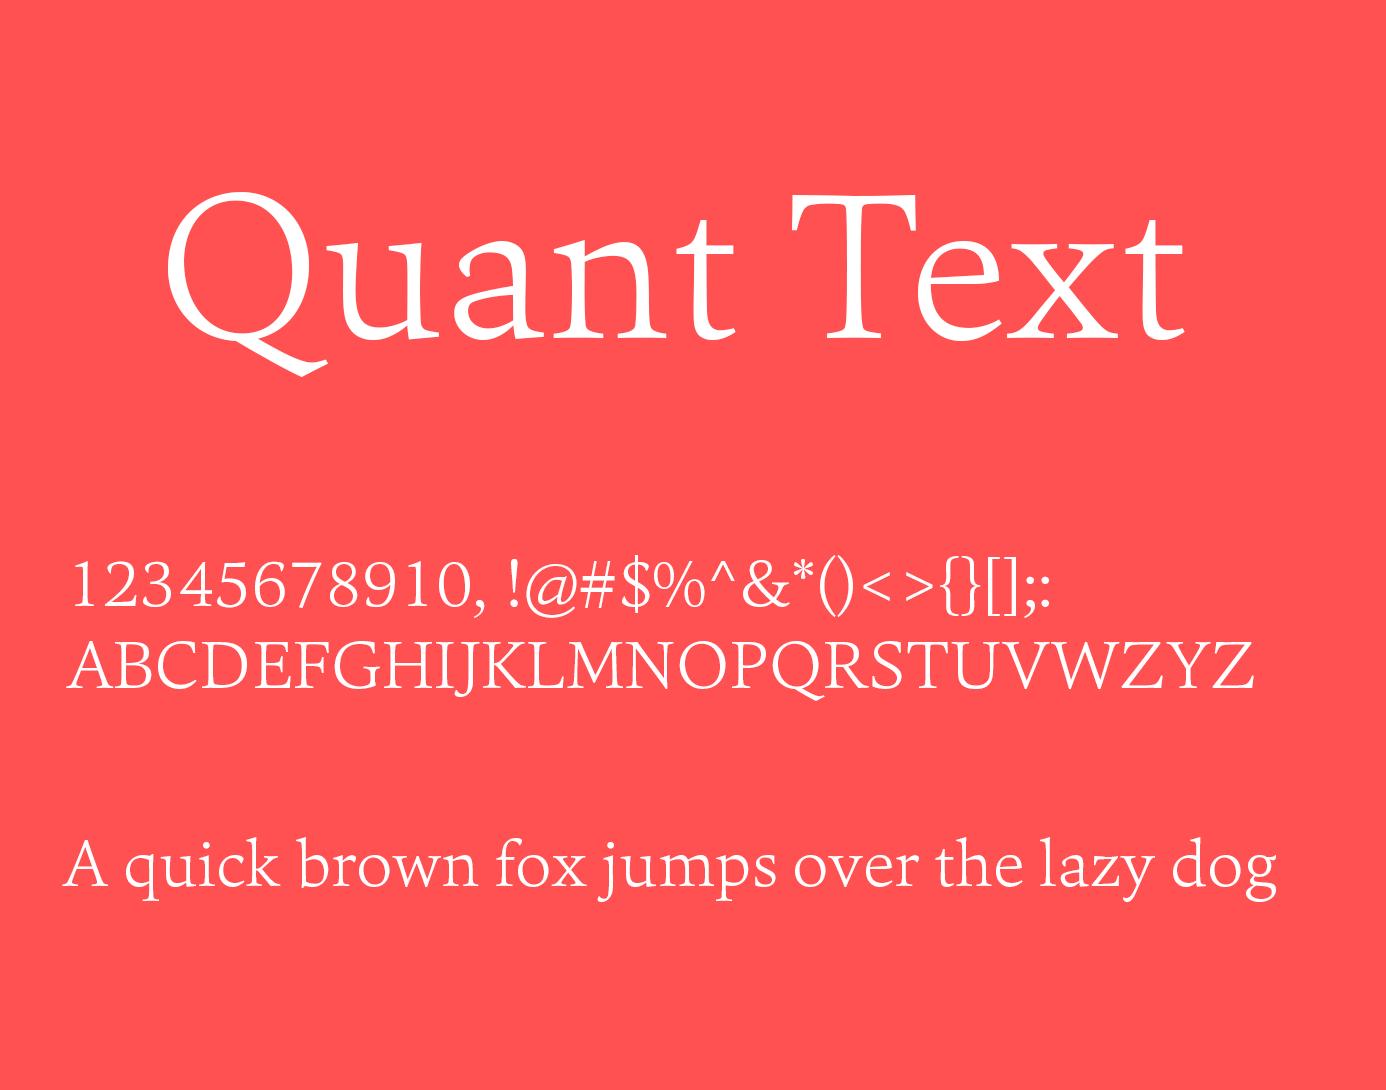 Quant Text